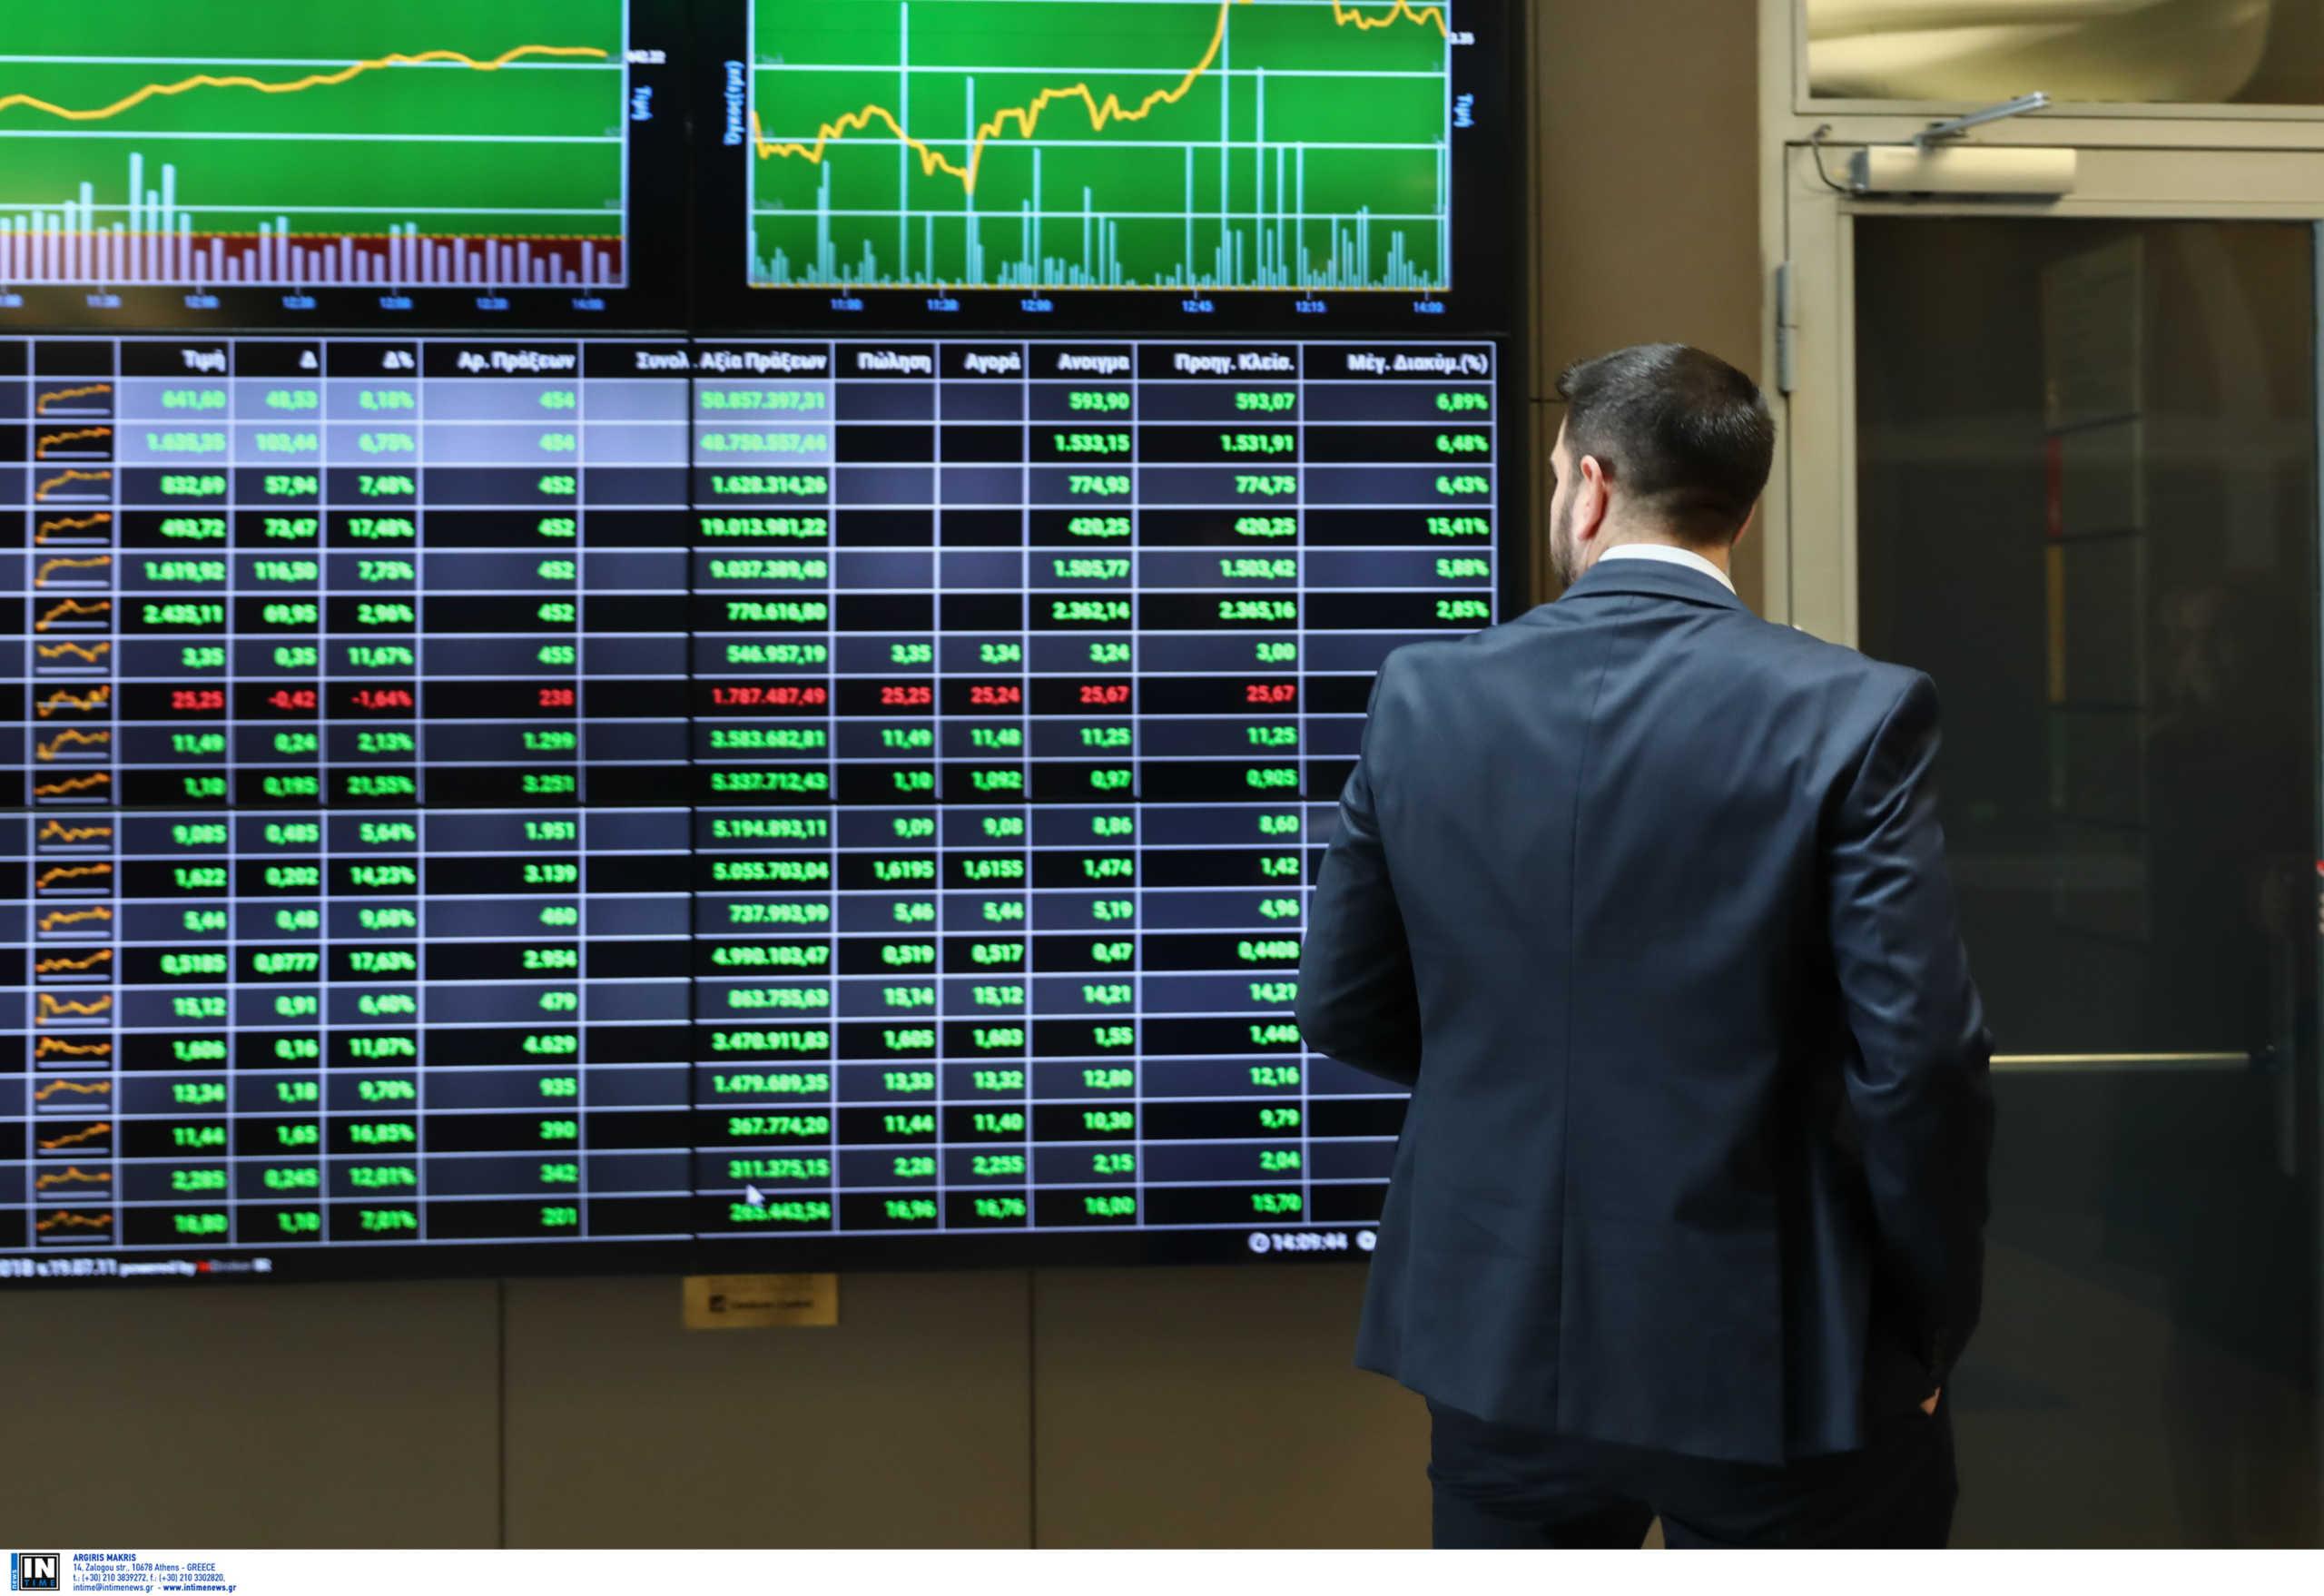 Επιστρέφει η αισιοδοξία στις διεθνείς αγορές – Βελτιώνονται οι εκτιμήσεις για τις οικονομίες